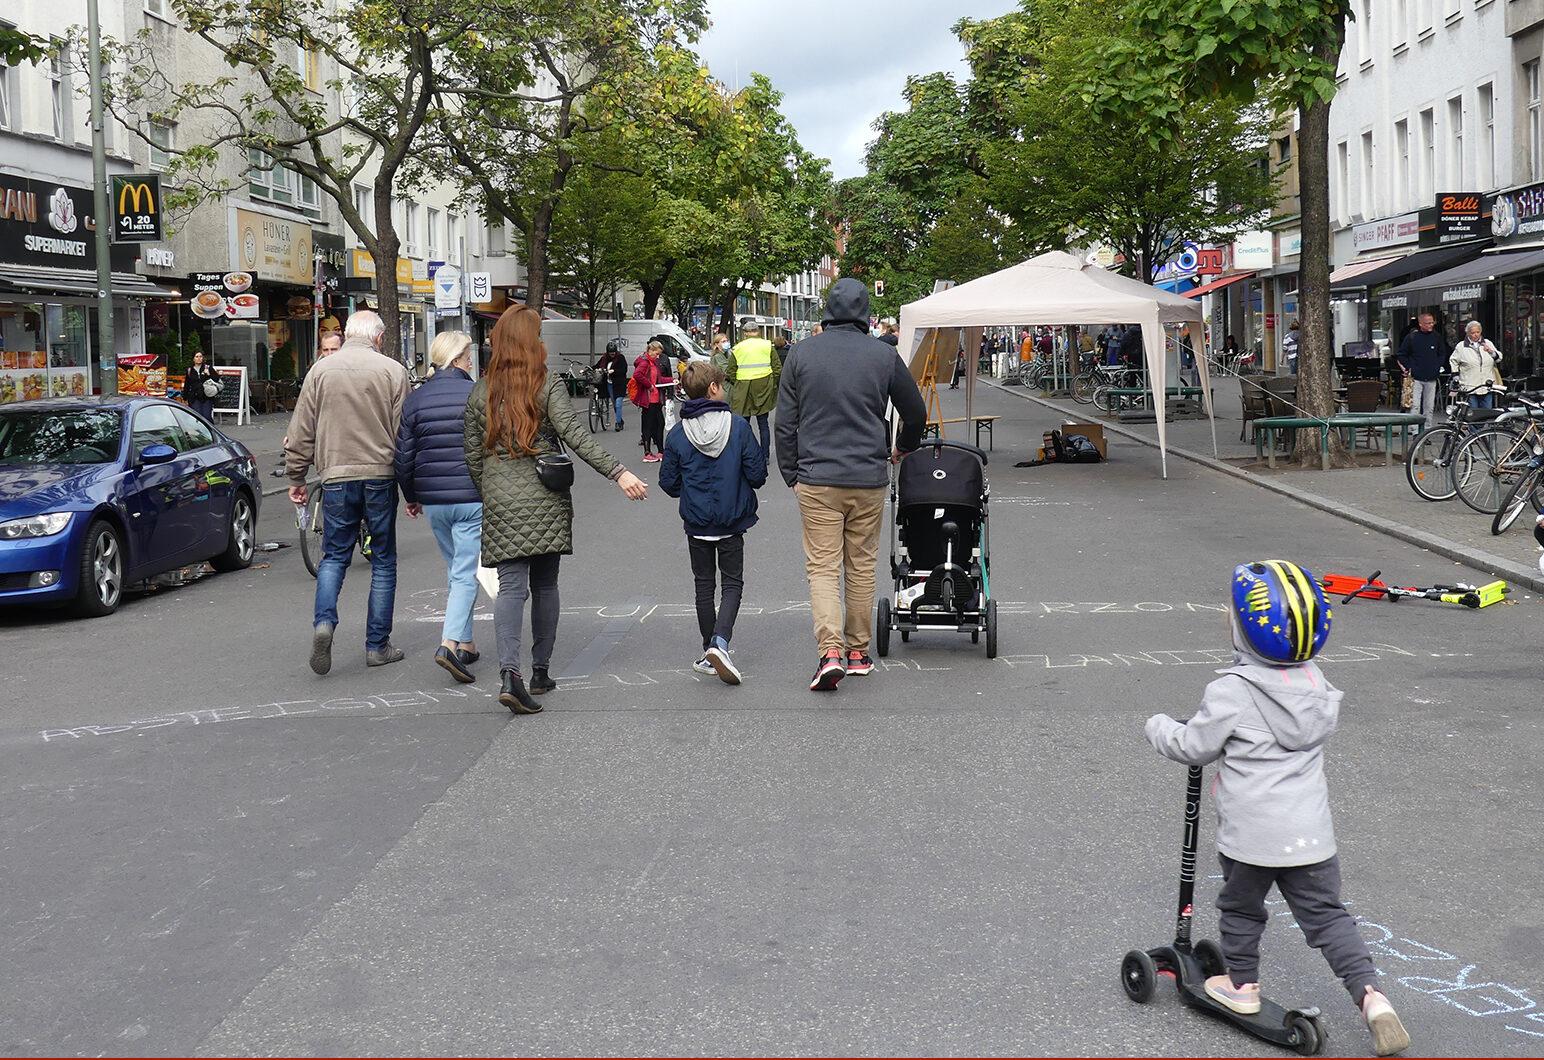 Am 9./10. Oktober wurde die Fußgänger:innenzone Wilmersdorfer Straße testweise verlängert.